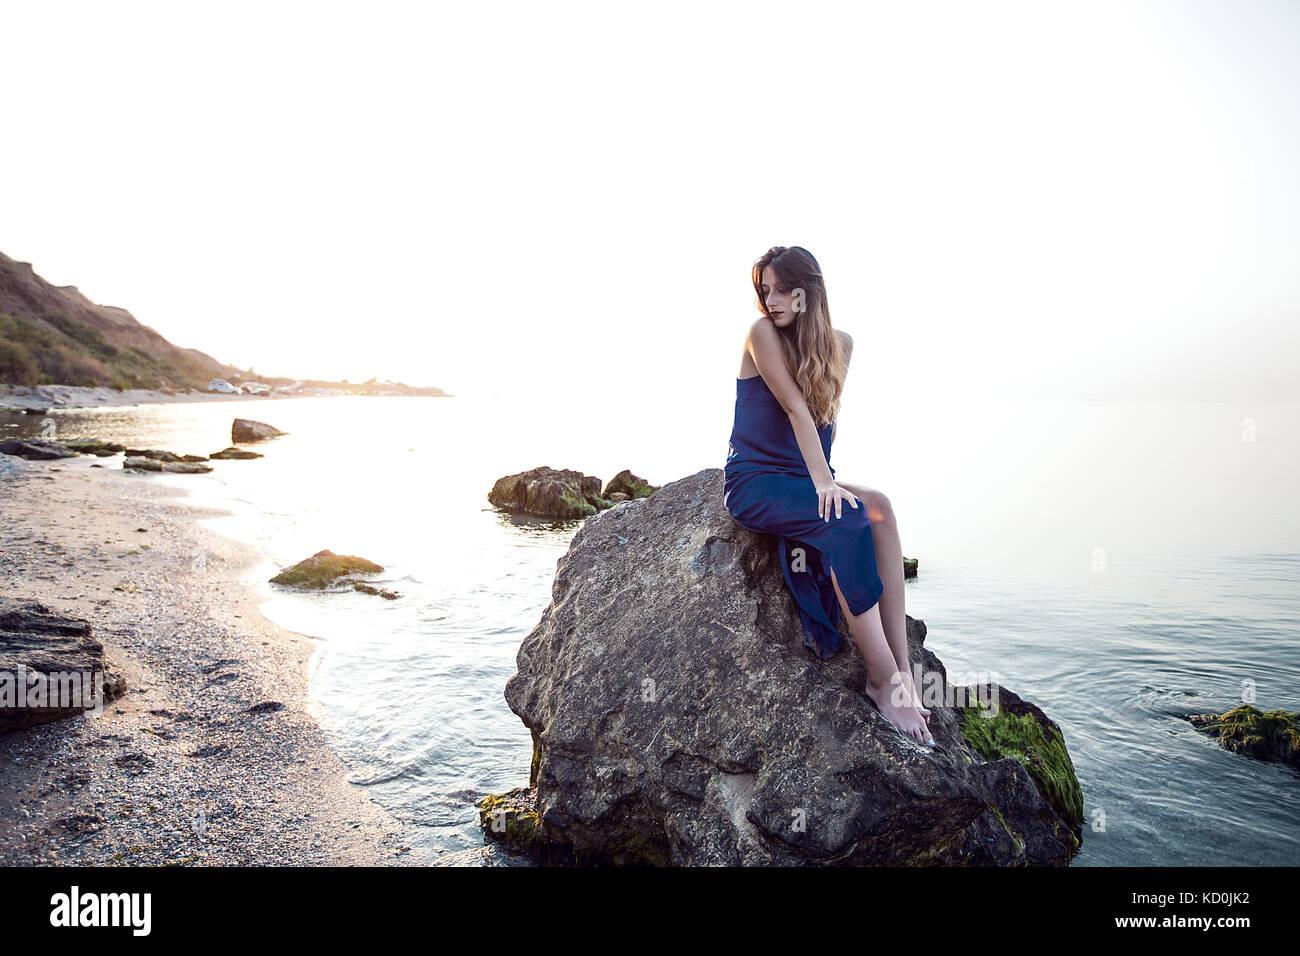 Giovane donna seduta sulla spiaggia rock, Odessa, Ucraina Foto Stock